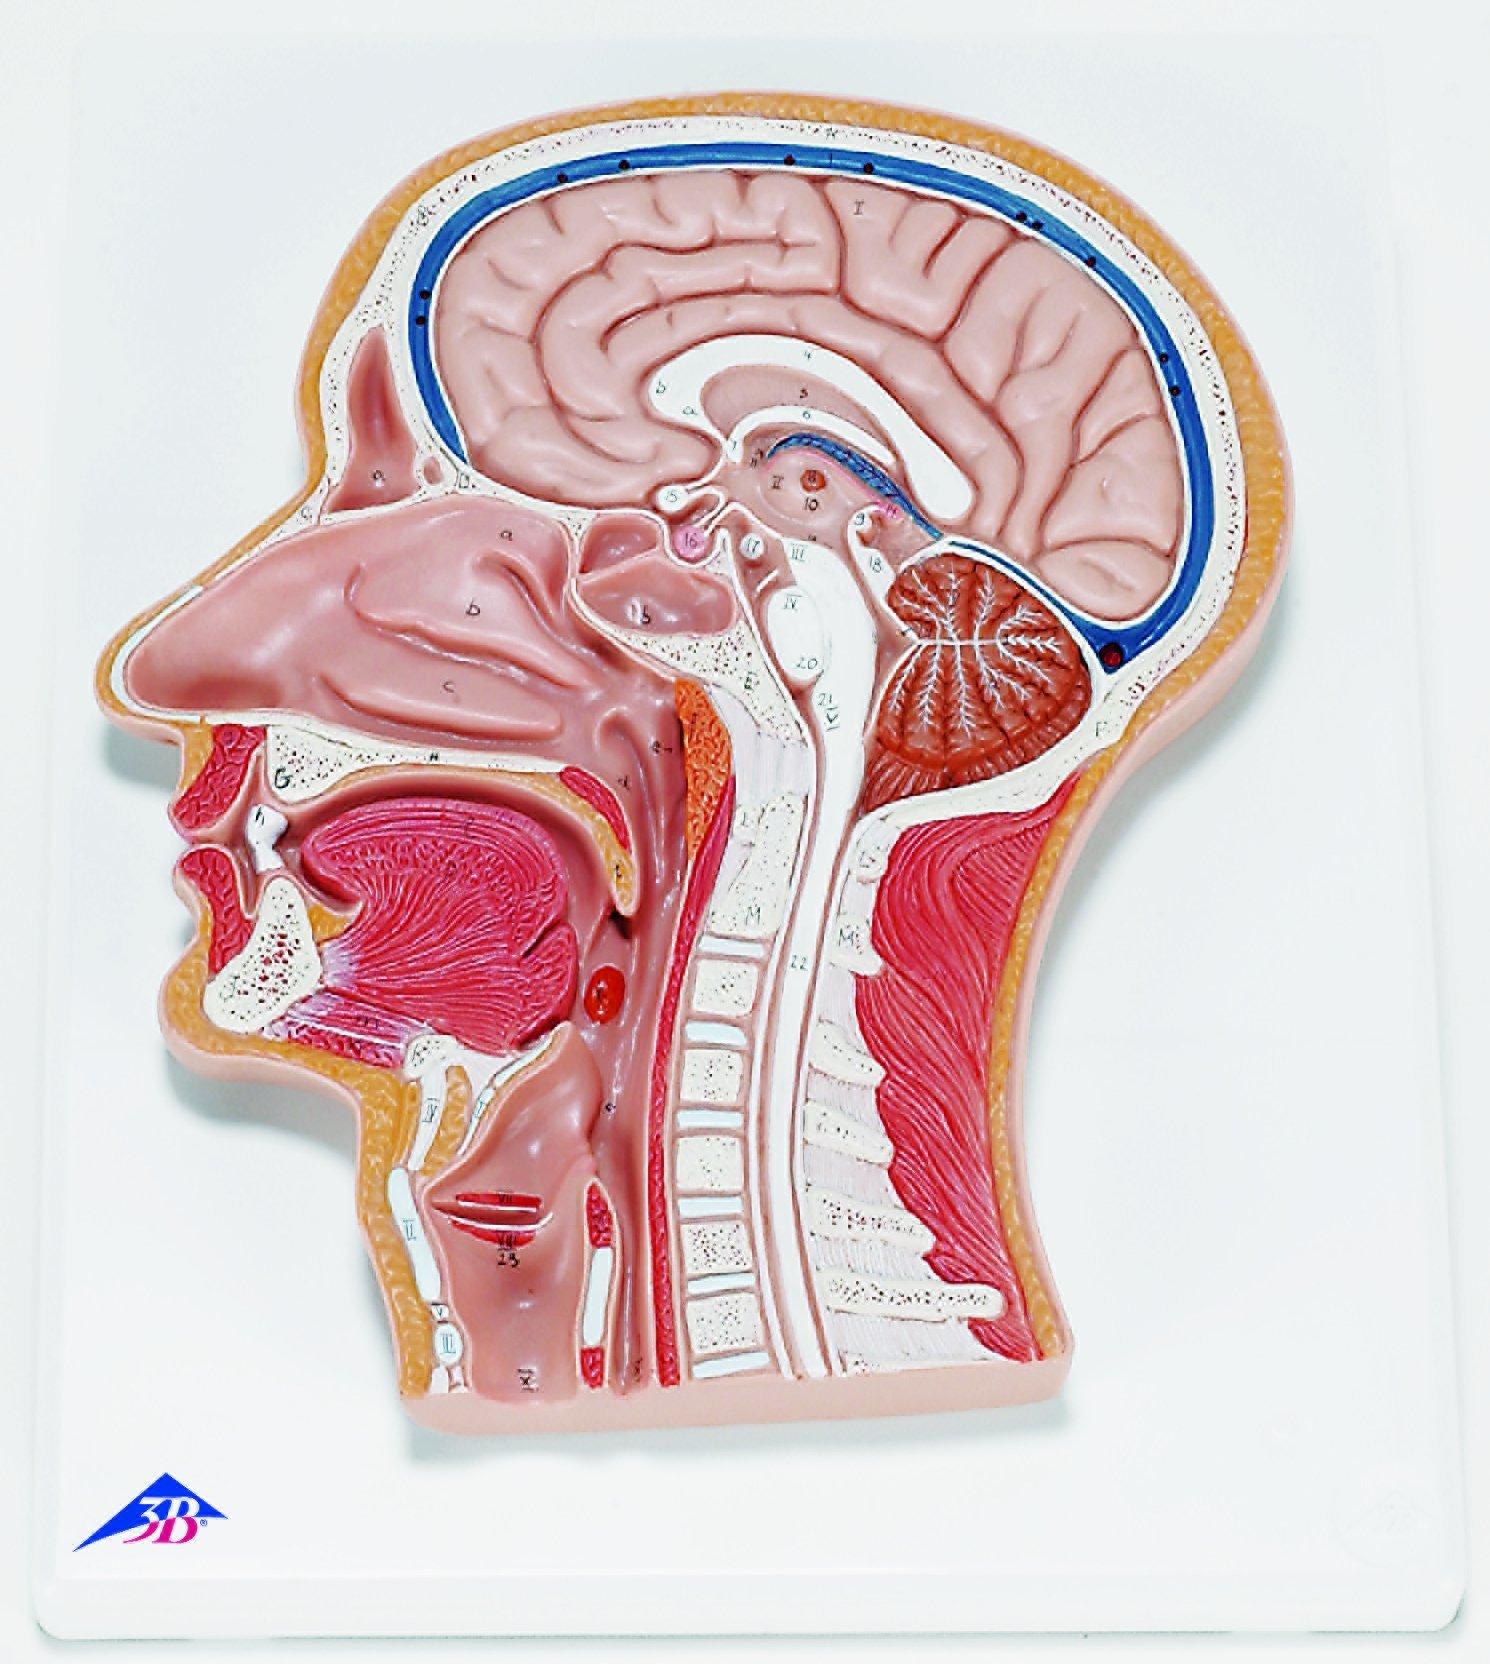 Cheap Median Sagittal Section Model Of Foot Find Median Sagittal